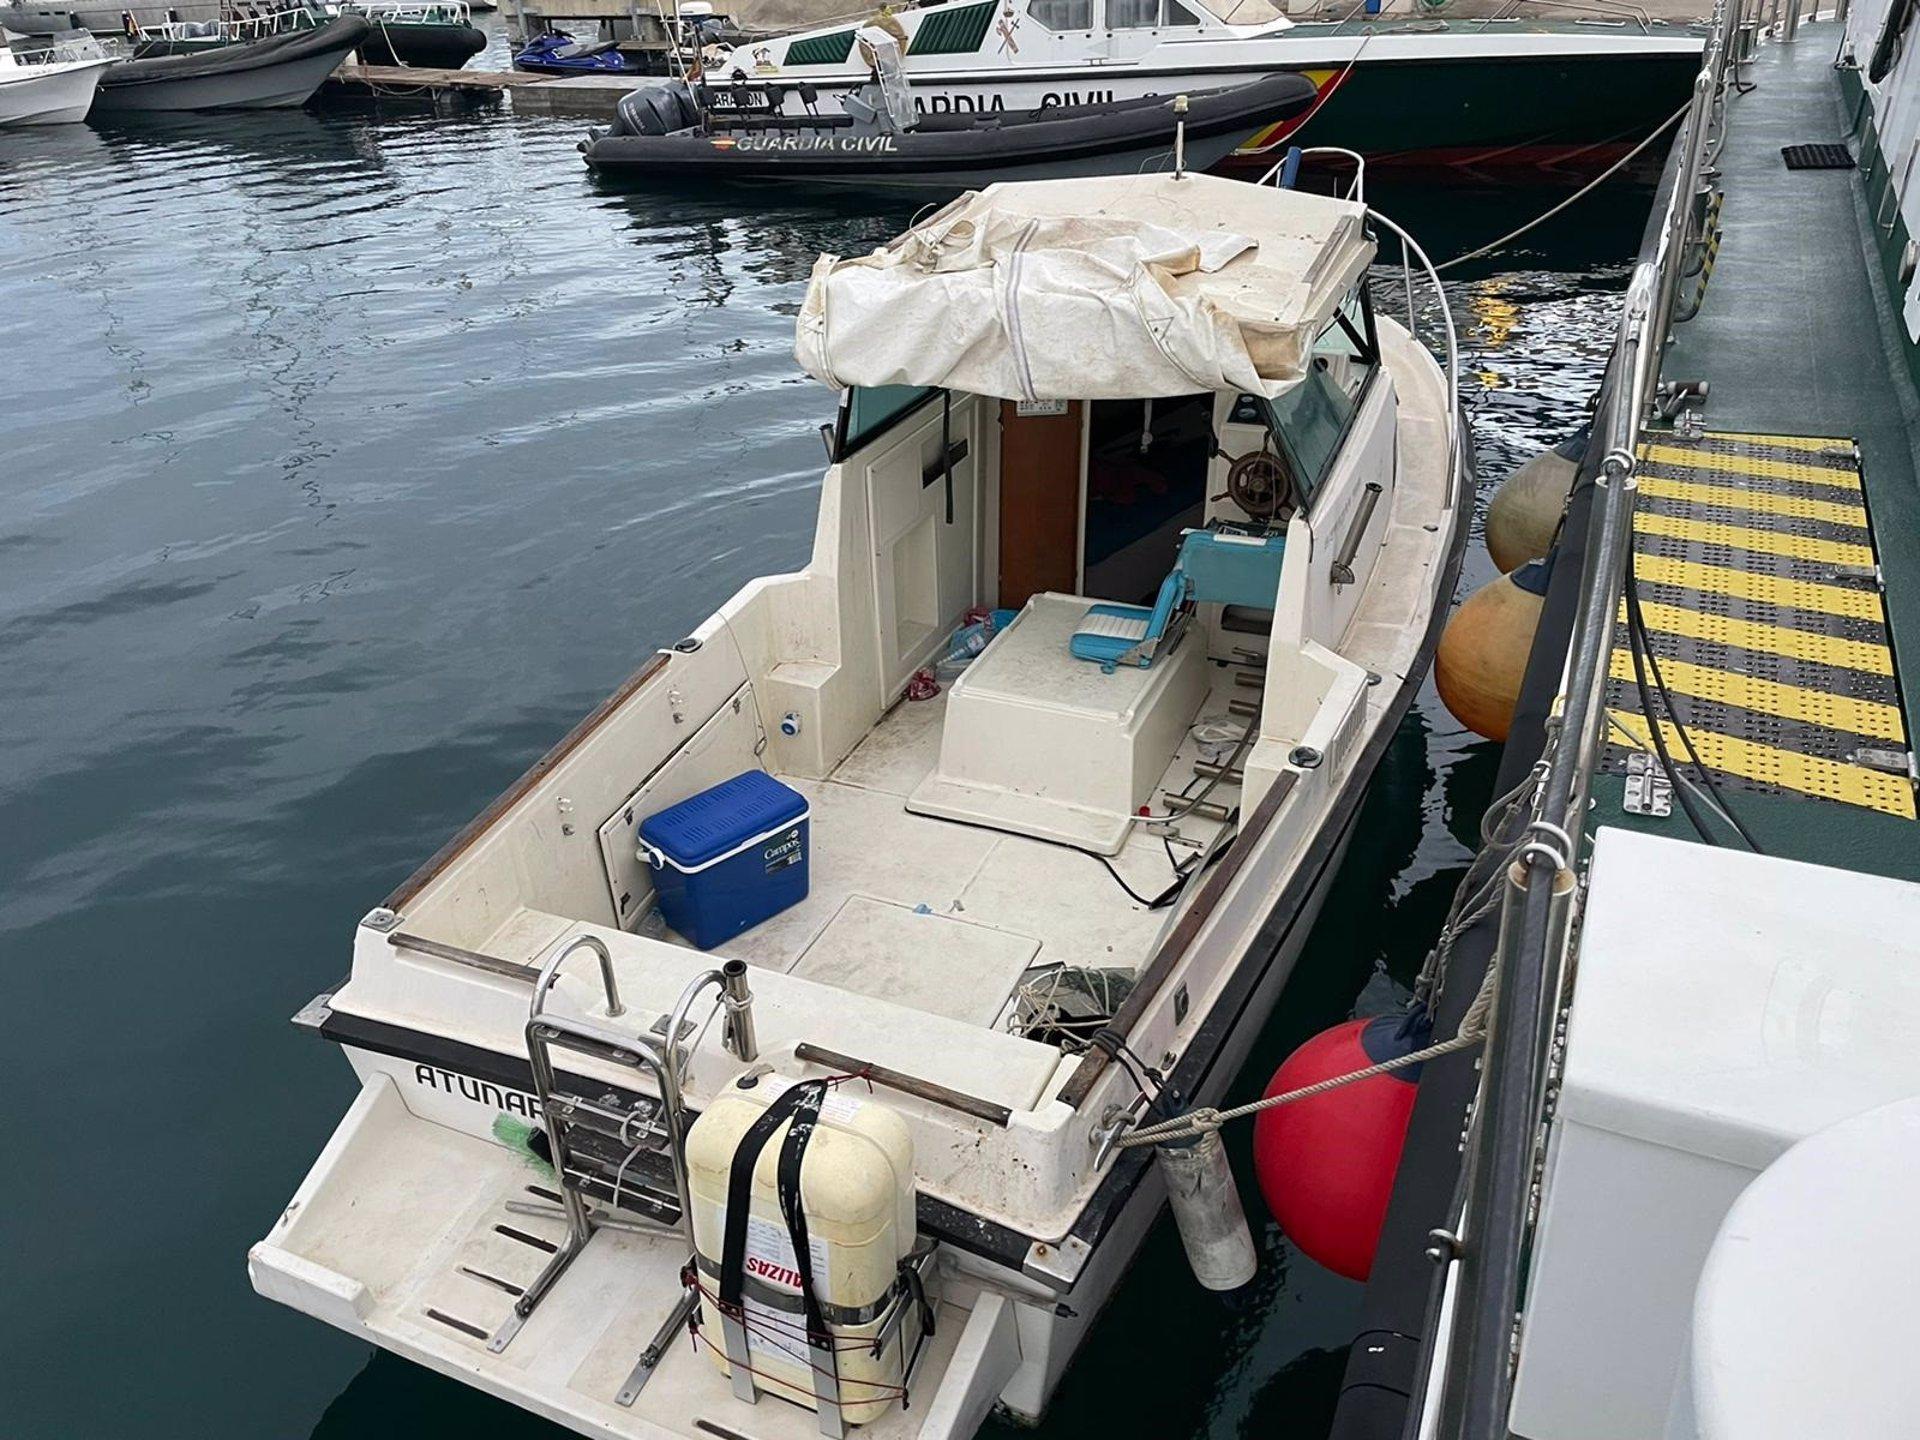 Interceptada frente a la playa Rijana una embarcación de recreo que transportaba 580 kilos de hachís